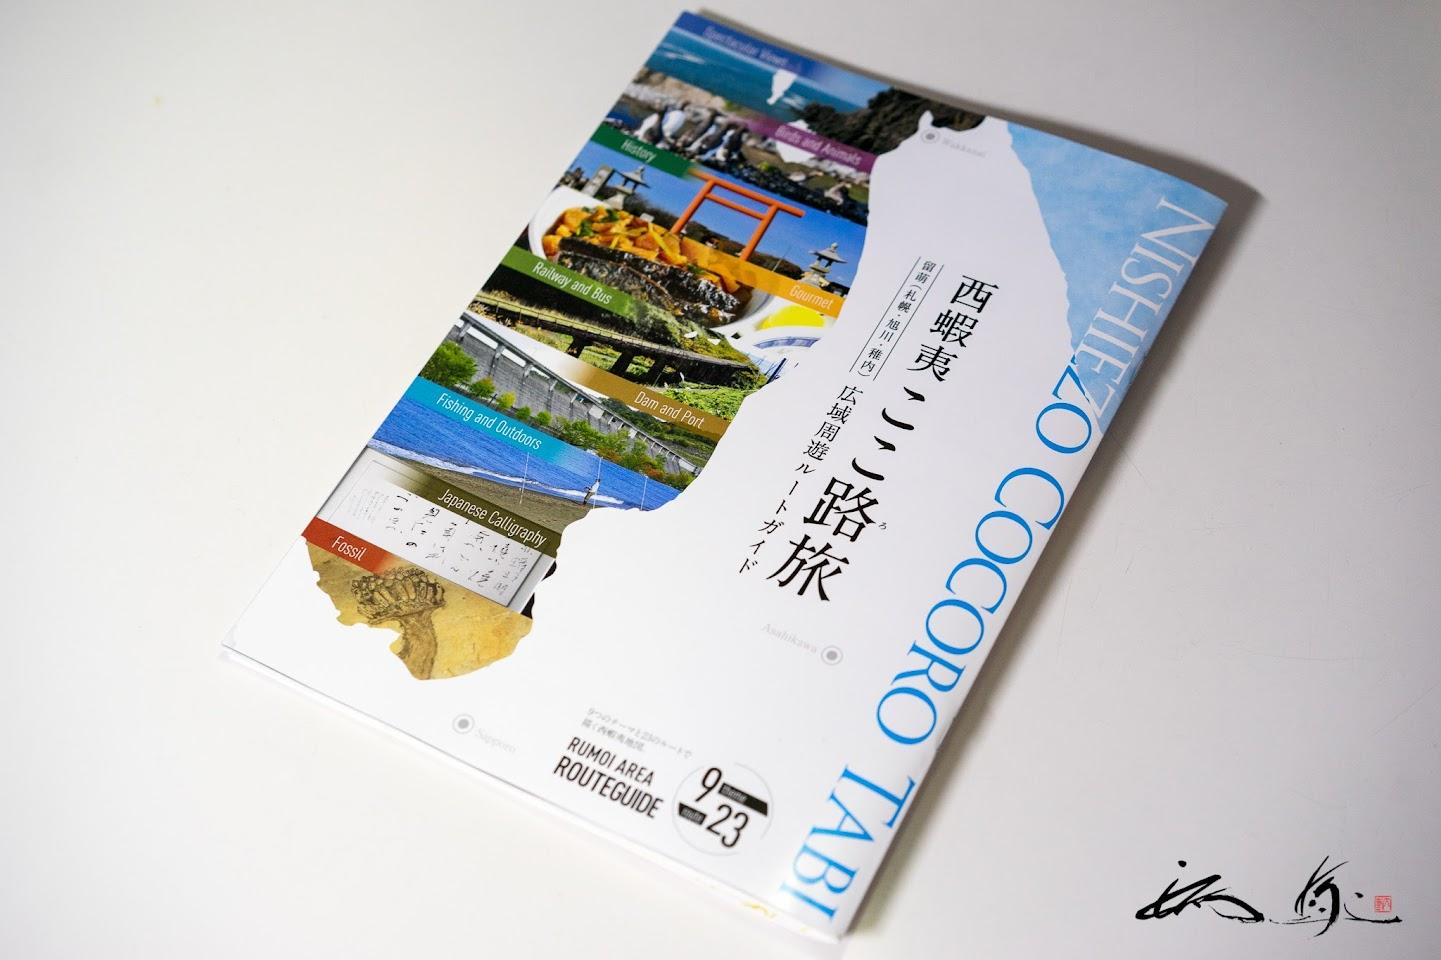 ガイドブック「西蝦夷ここ路旅」